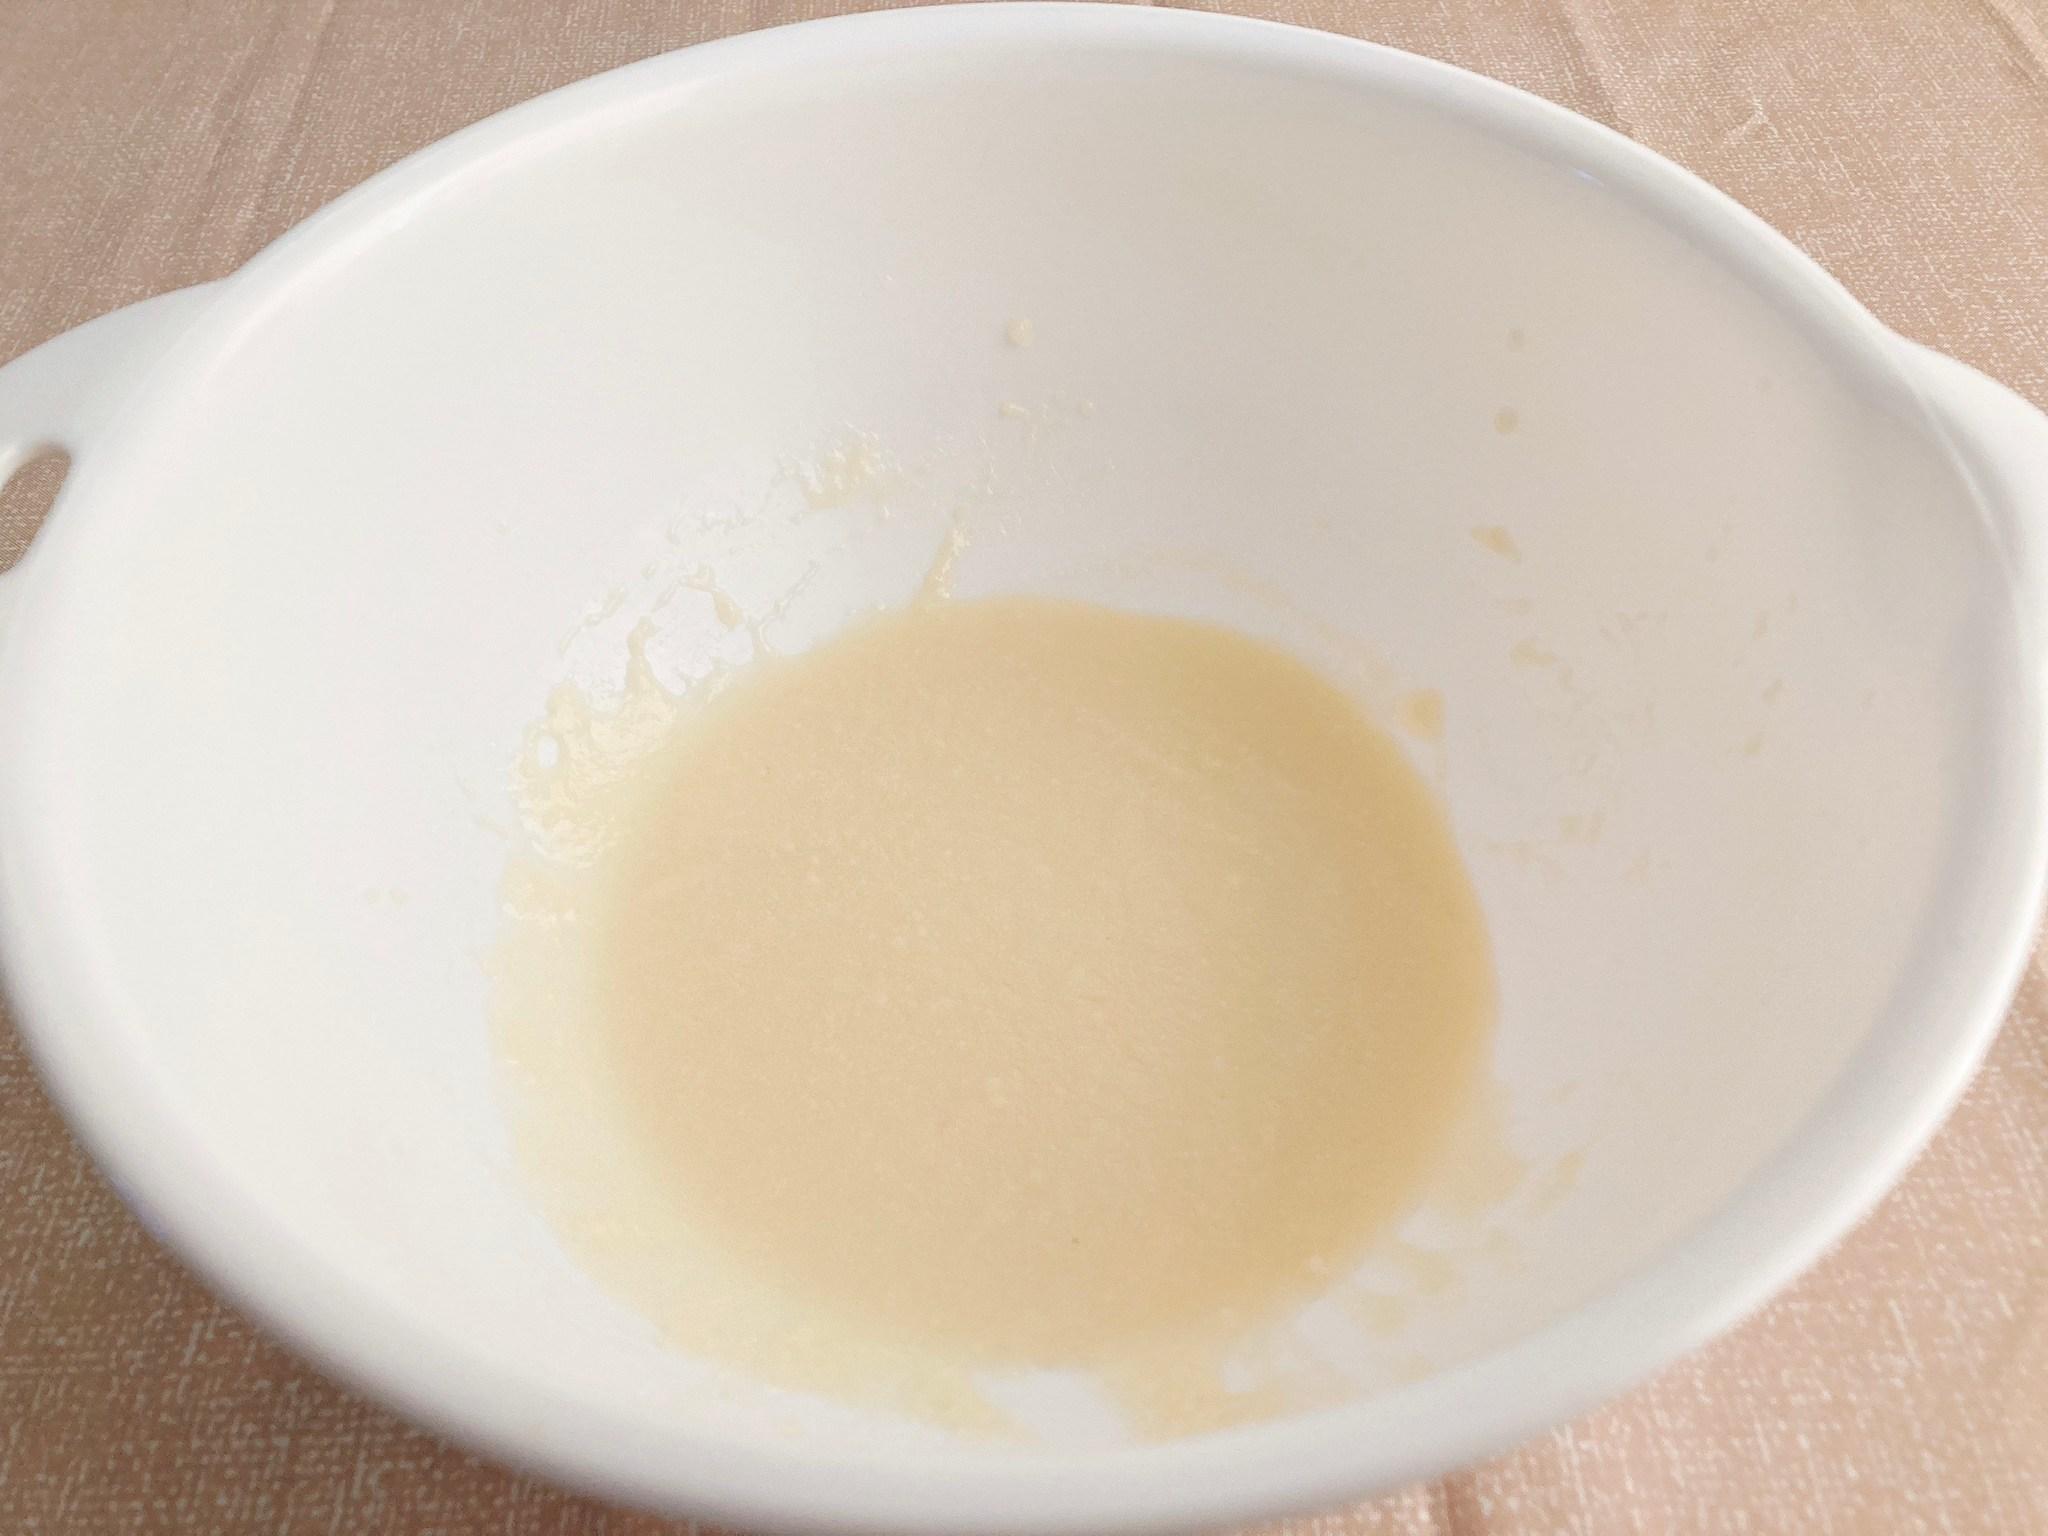 【ヴィーガン】美味しくてヘルシーなお手軽スイーツ!丸ごとりんごケーキの作り方・レシピ【大豆】_c0405952_03373529.jpg